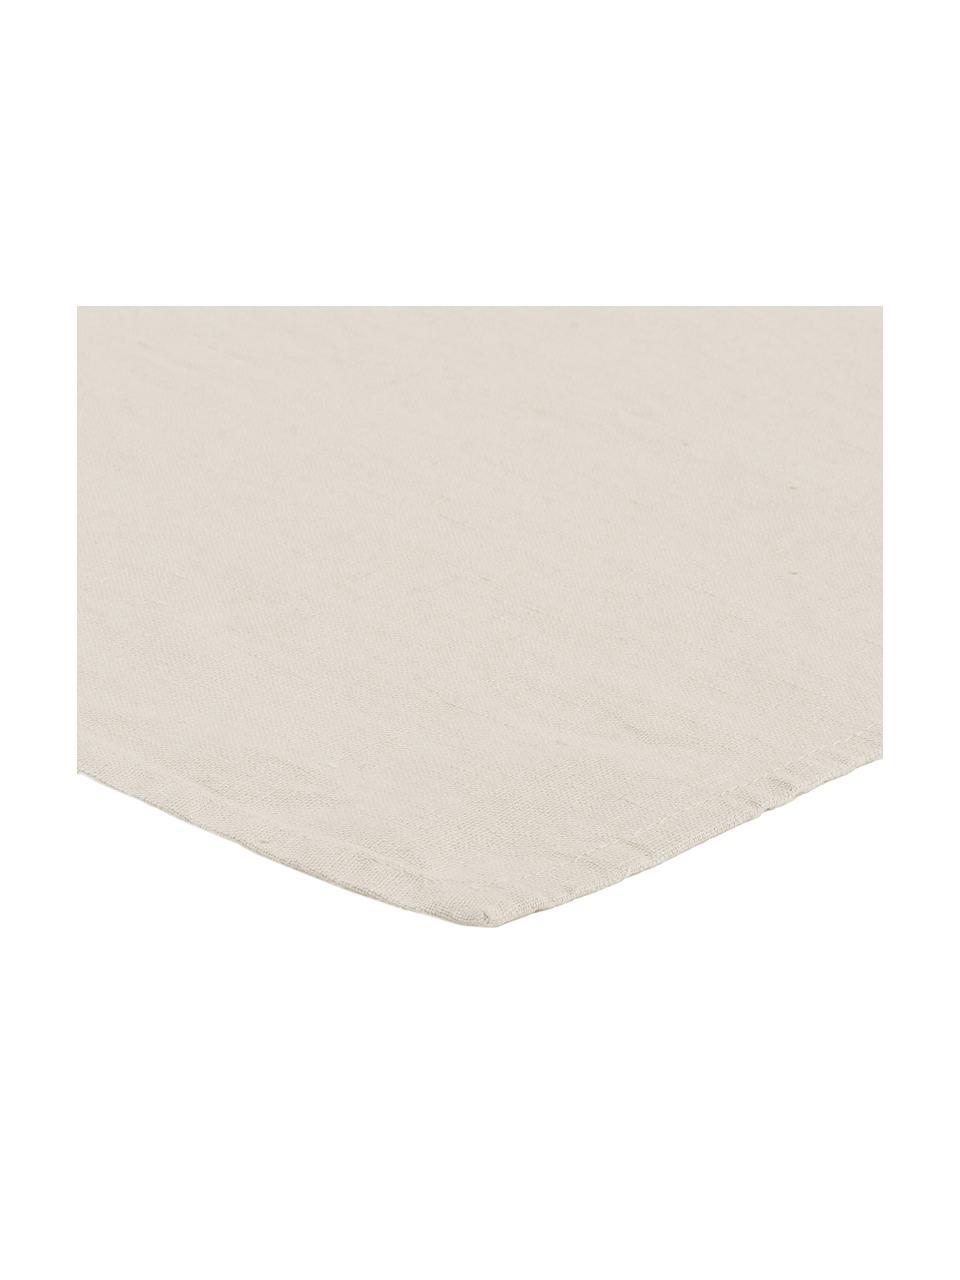 Leinen-Servietten Sunshine in Hellbeige, 4 Stück, Leinen, Aschweiß, 45 x 45 cm